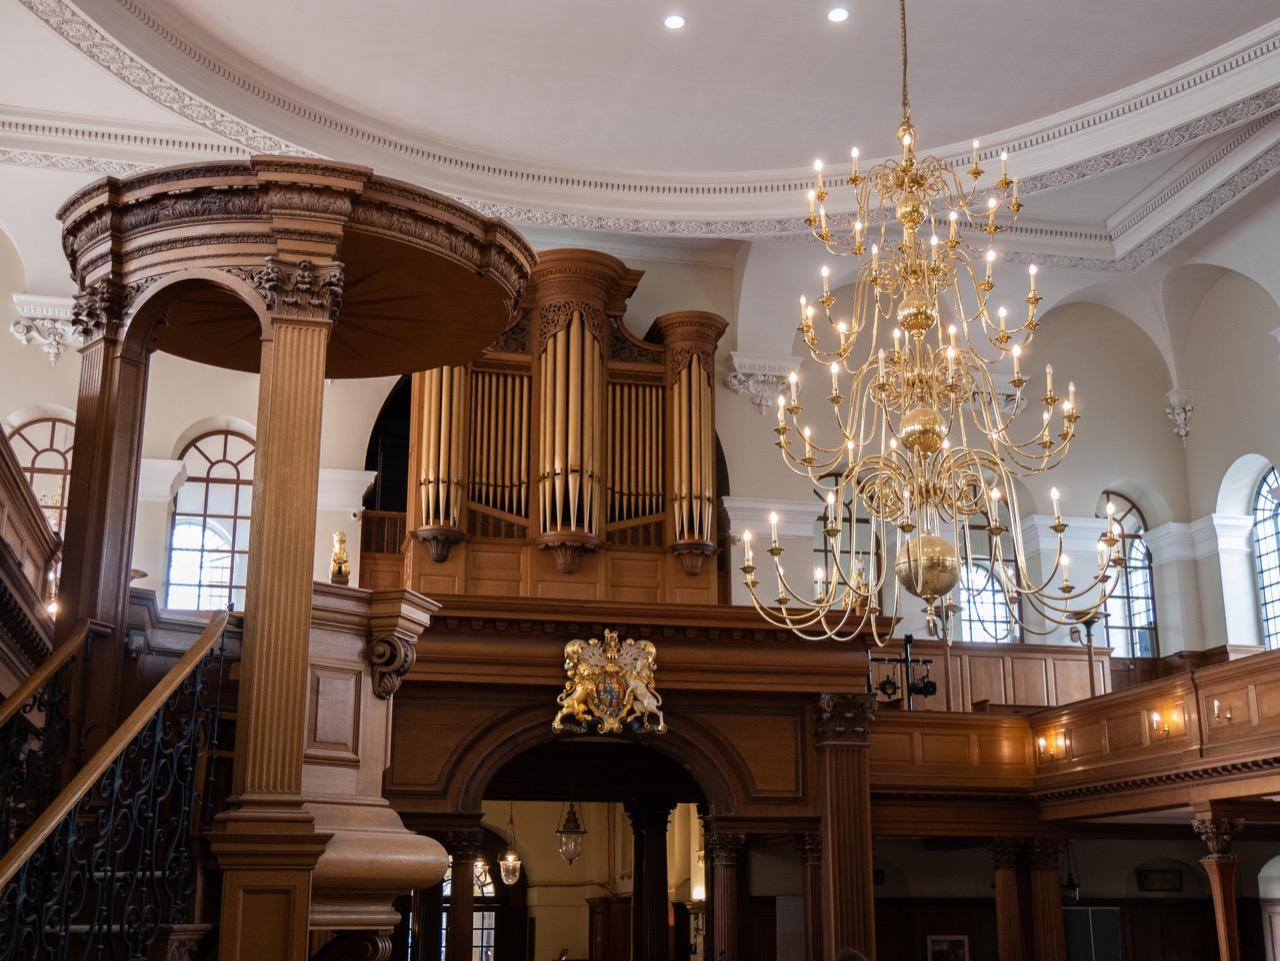 Innenansicht zur Orgelempore vom Altarraum aus